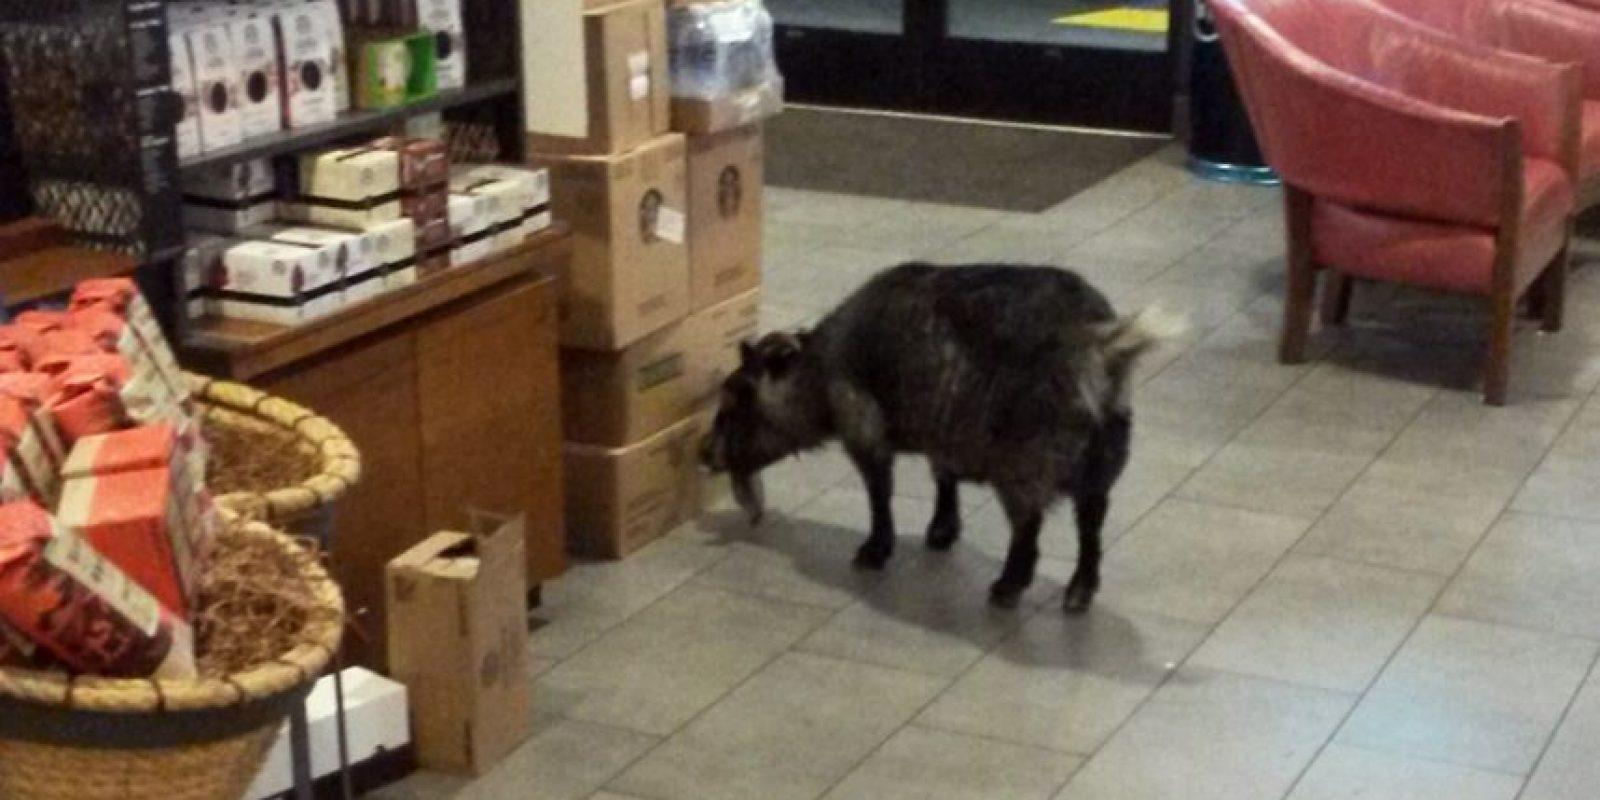 La cabra llamada Milly comenzó a masticar una caja. Foto:AP. Imagen Por: